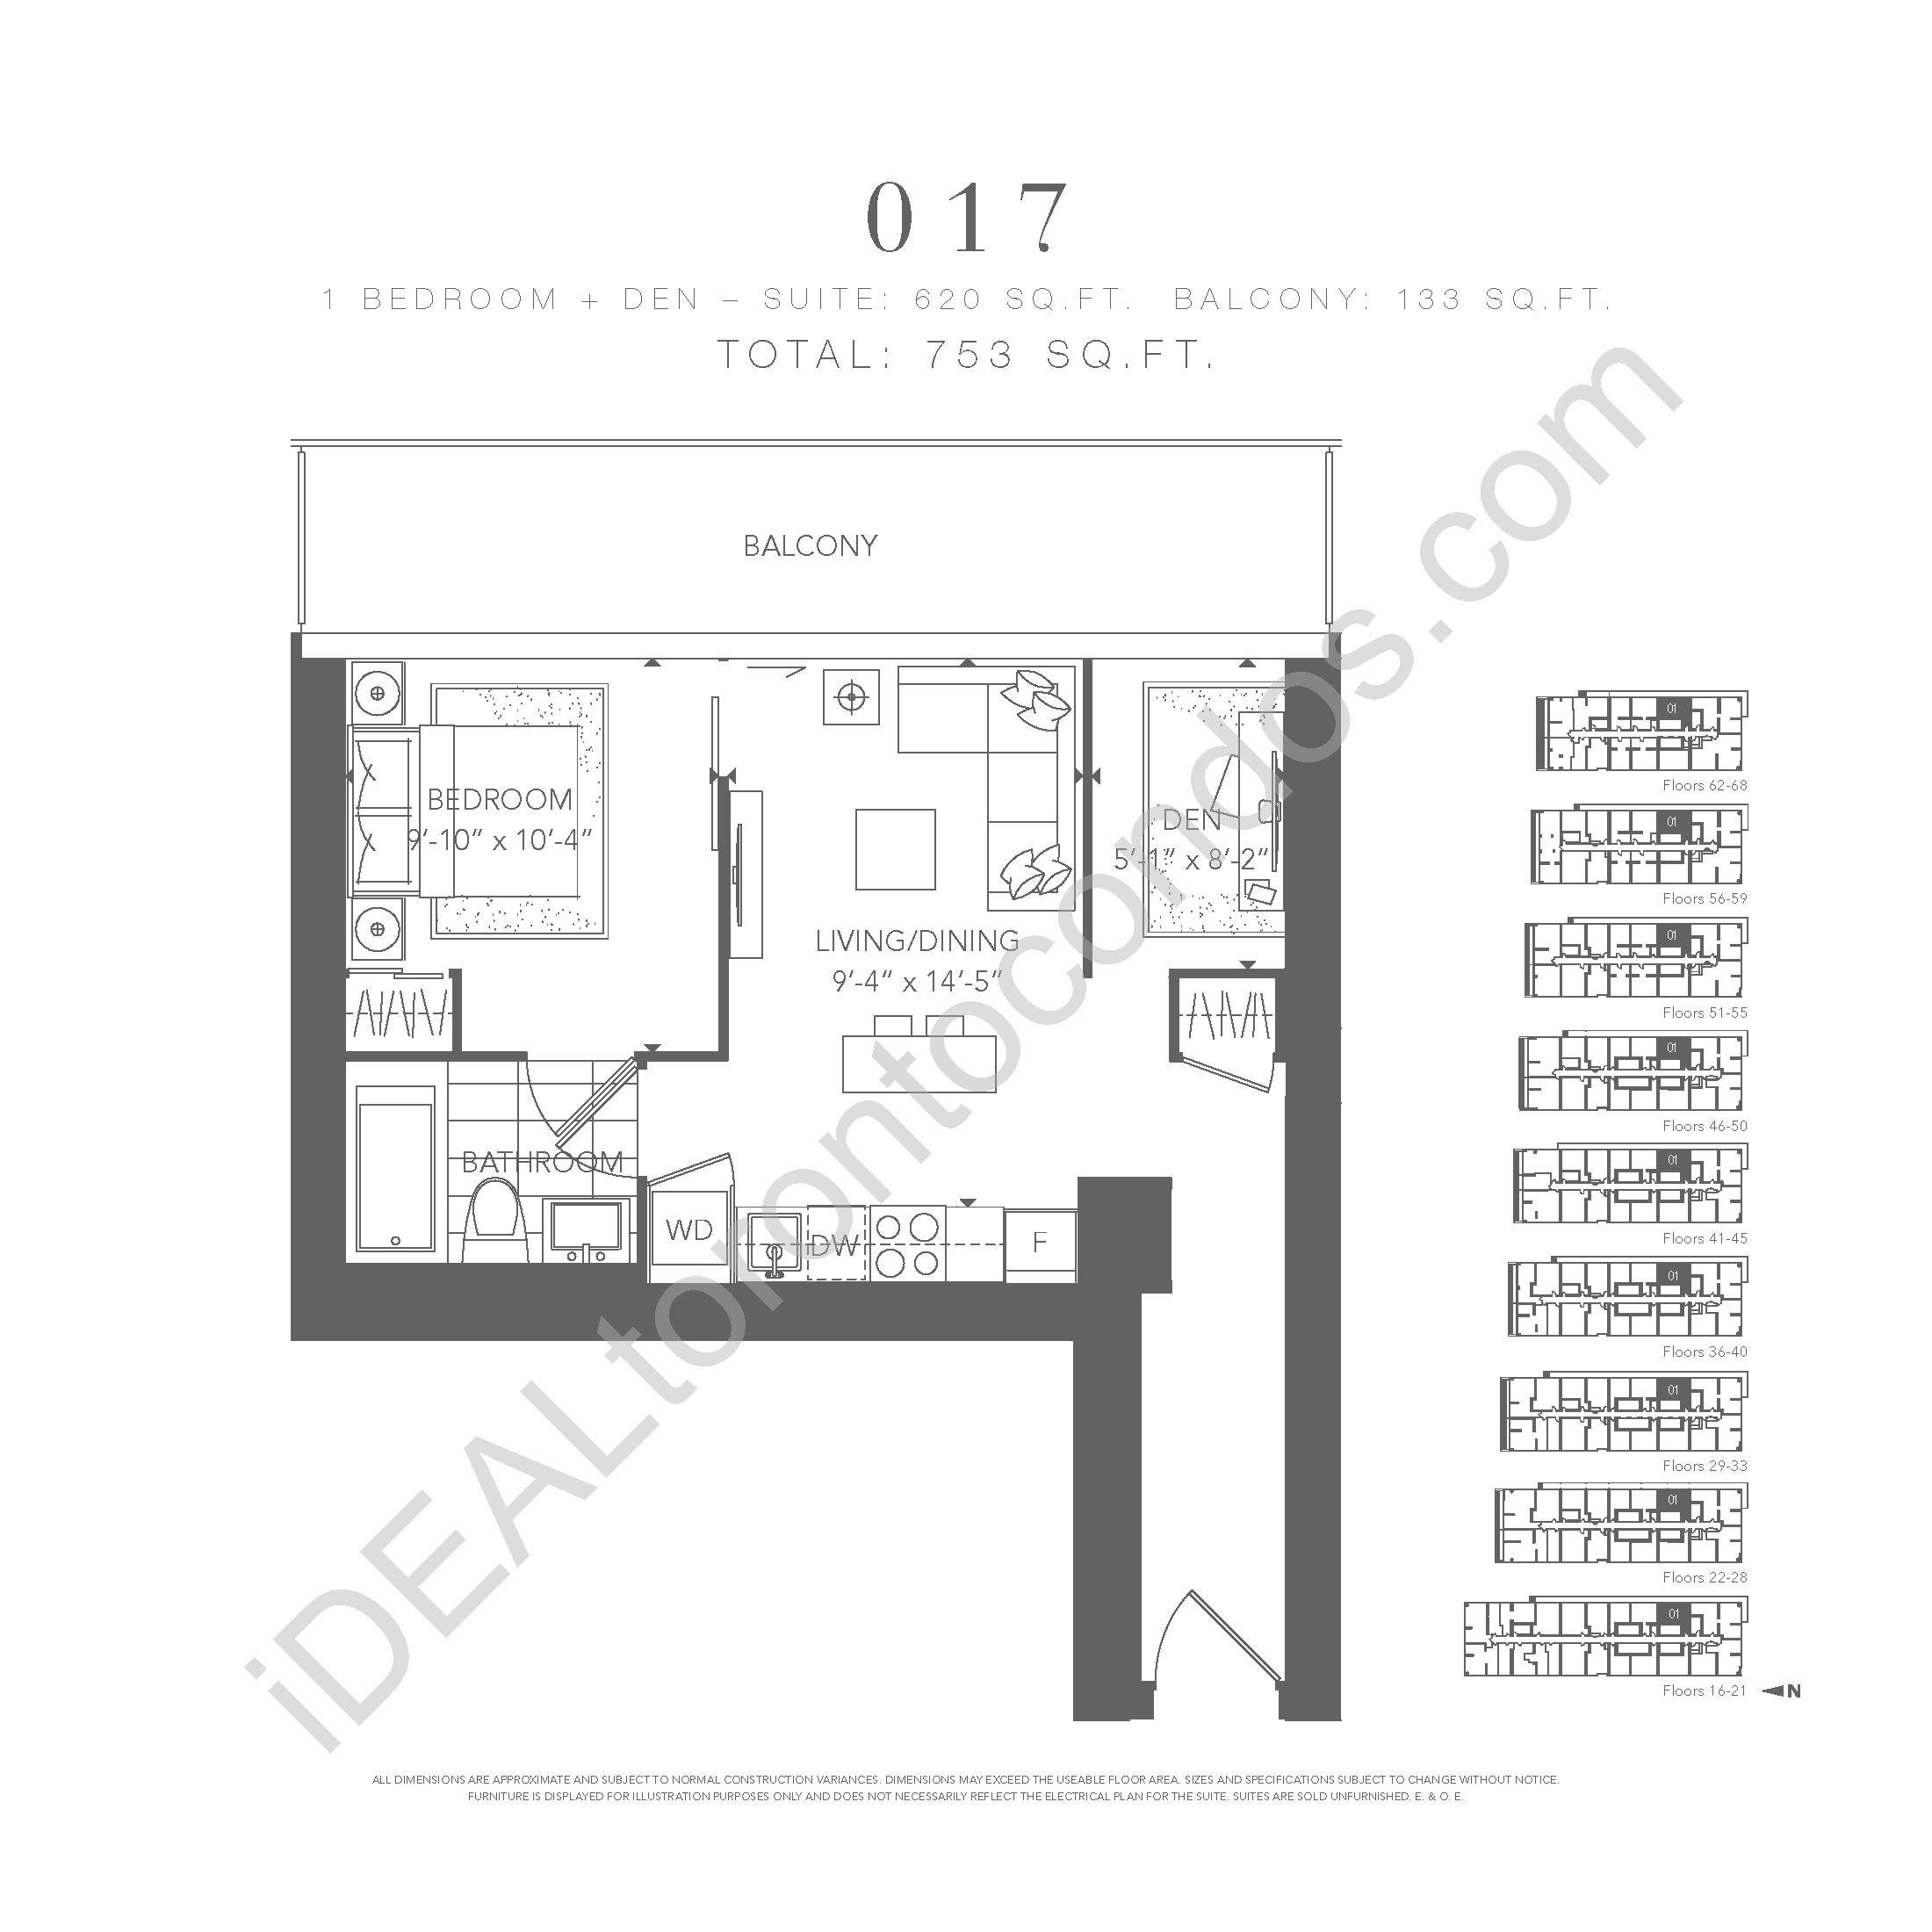 1 bedroom + den 017